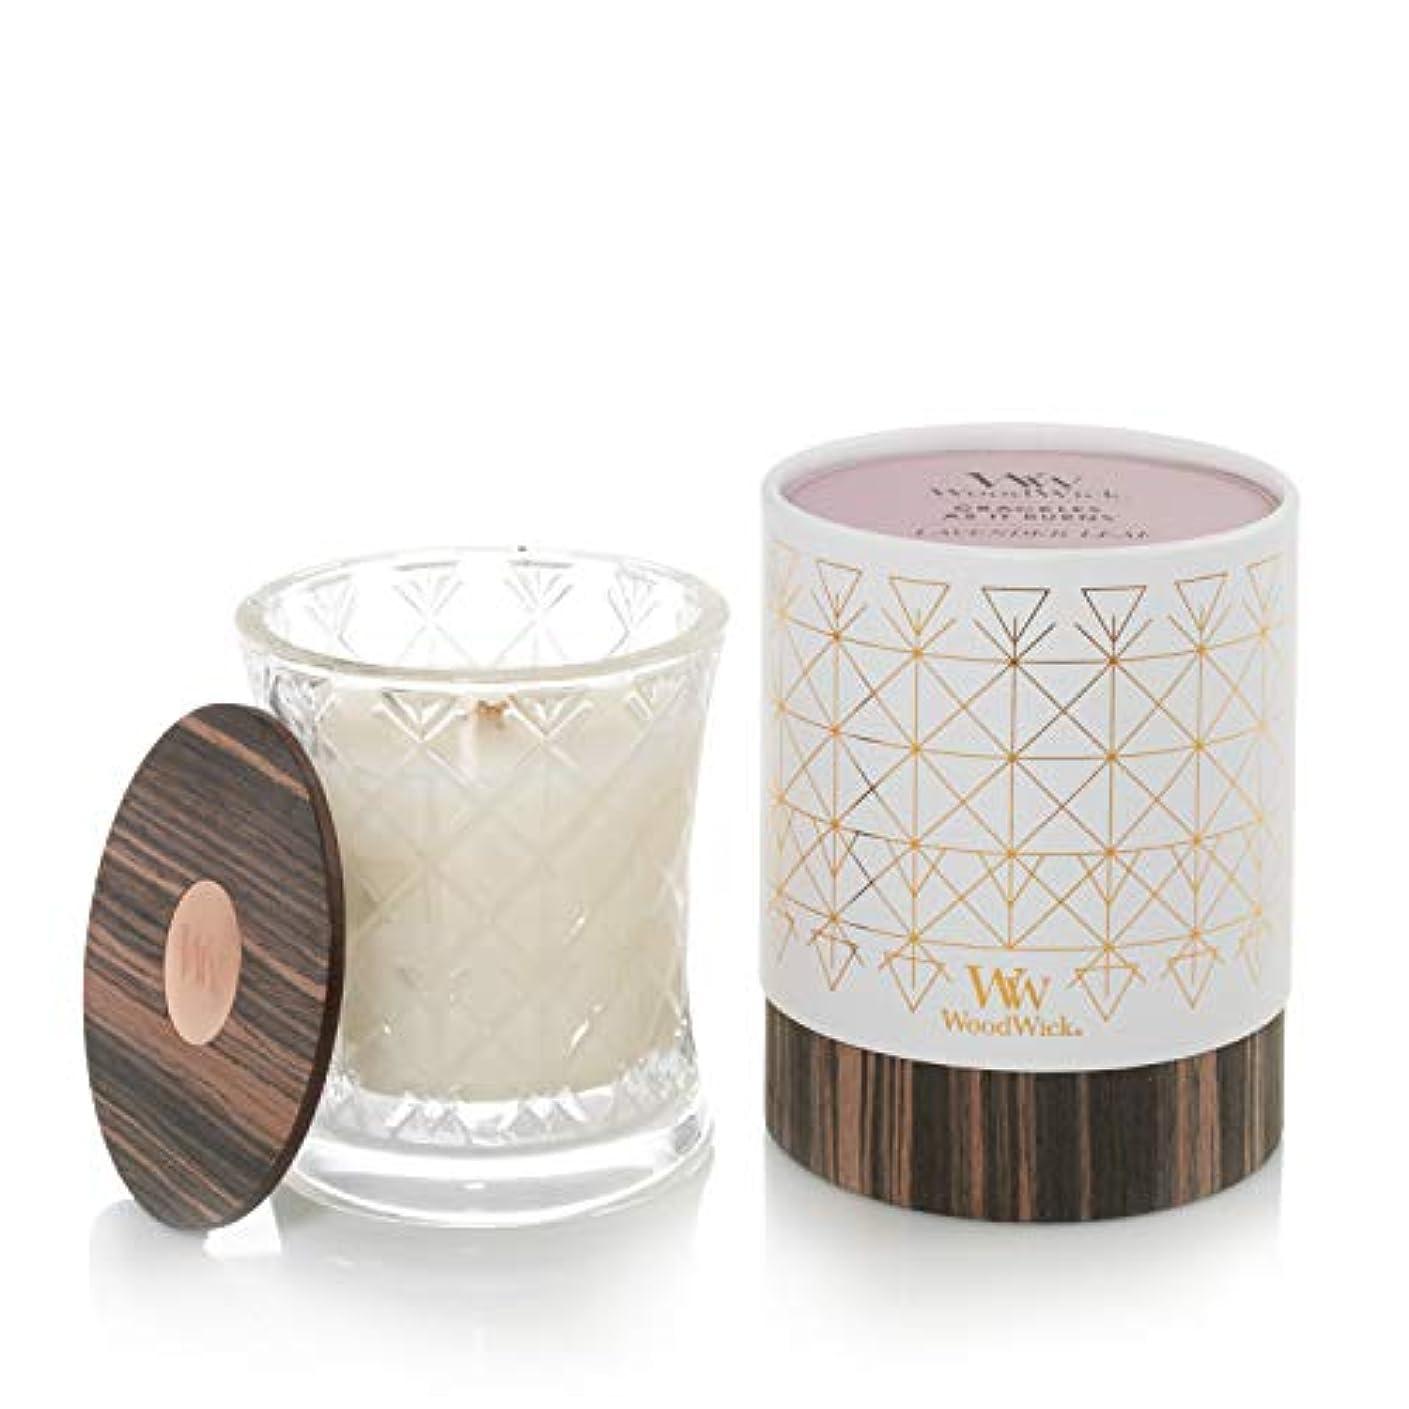 おそらく引退したうんラベンダーリーフ – オーラコレクション砂時計WoodWick香りつきJar Candle